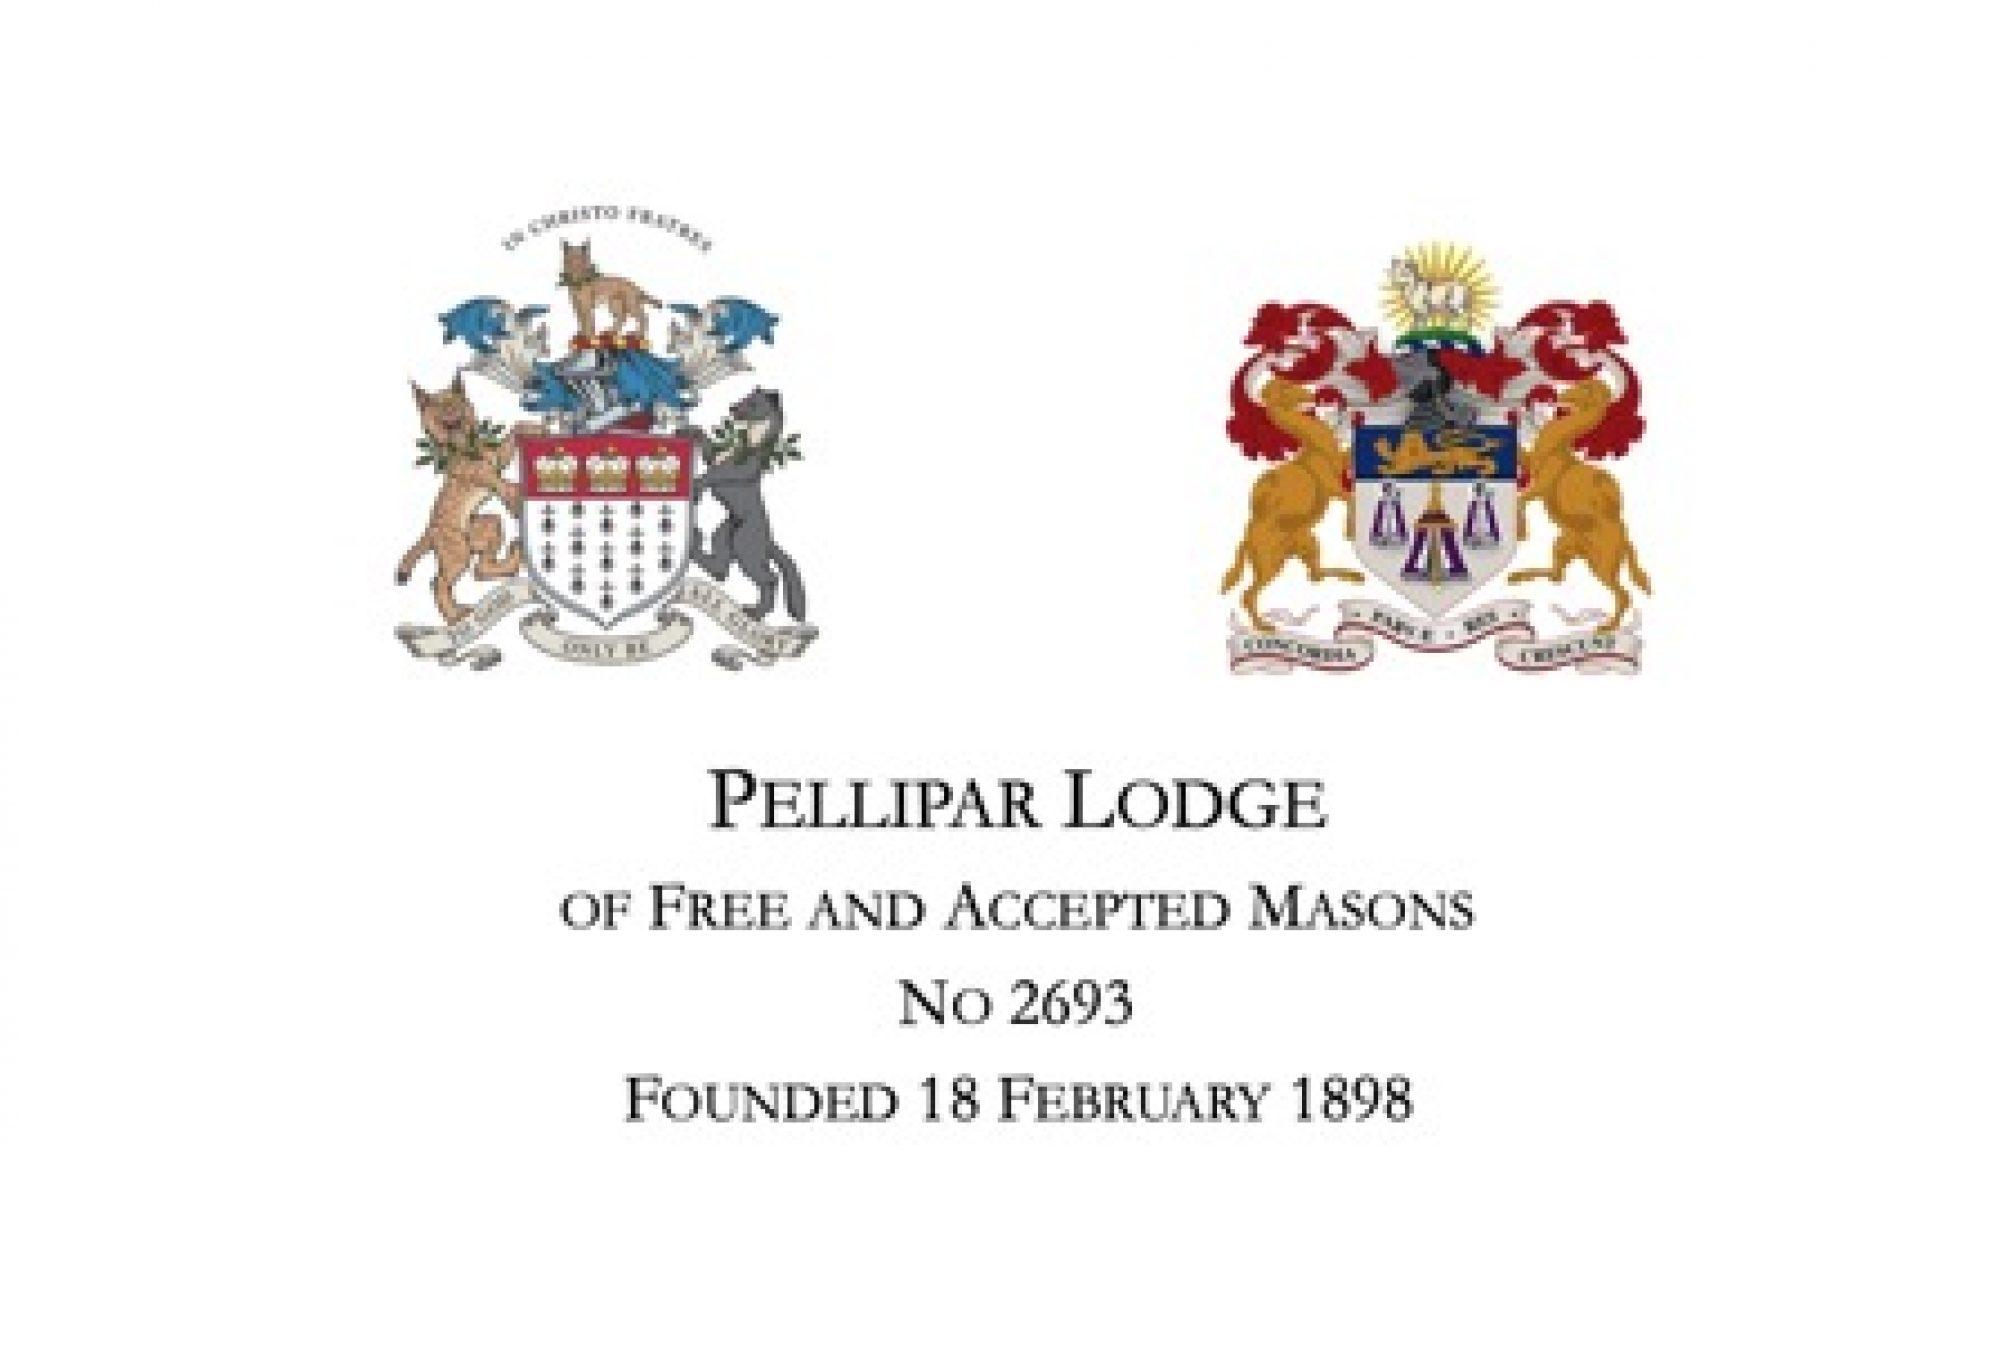 Pellipar Lodge No 2693